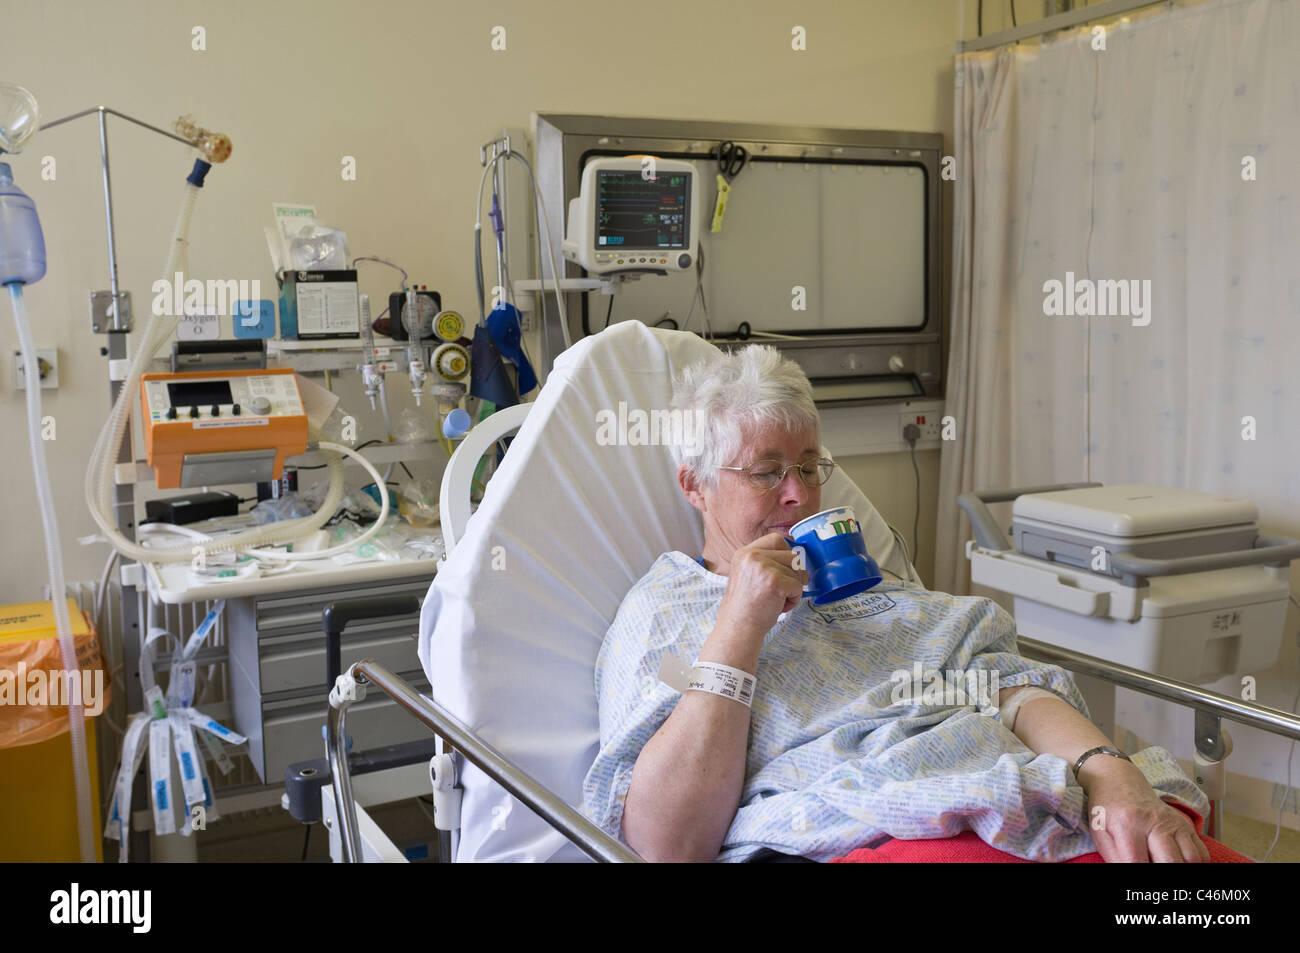 Femme attaque cardiaque patient boire le thé de la récupération à l'unité de réanimation Photo Stock